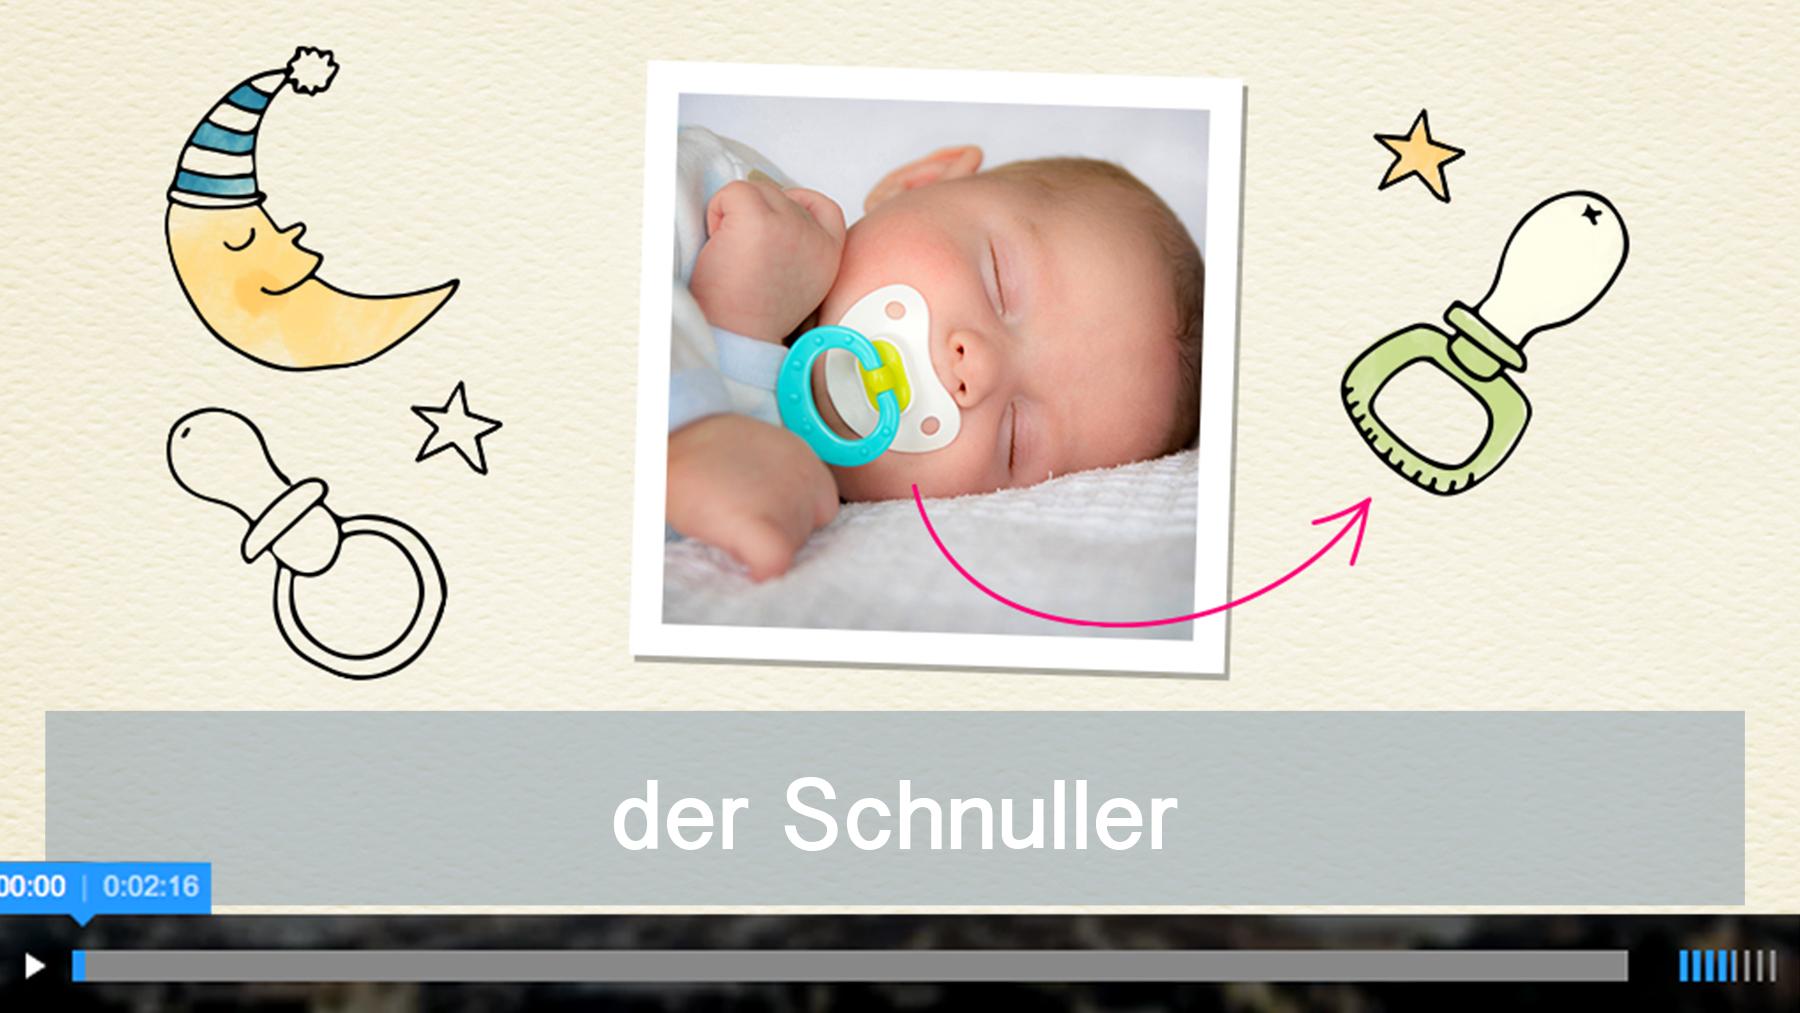 dw-schnuller